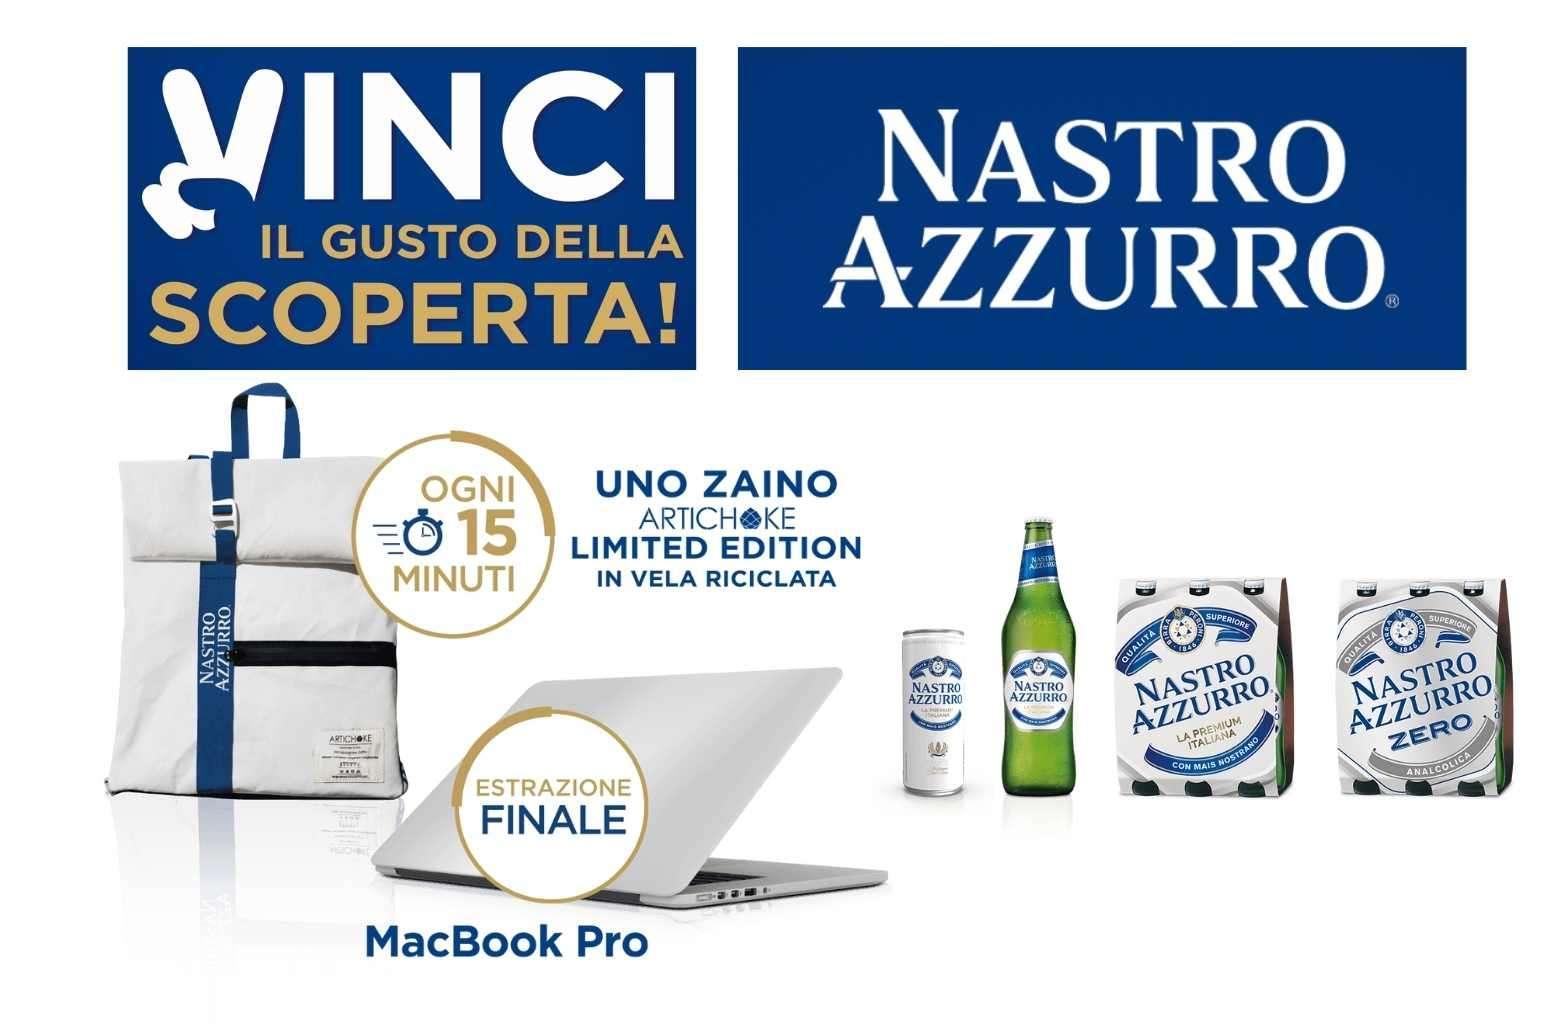 Nastro-Azzurro-Vinci-il-Gusto-della-scoperta-il-concorso-che-ti-premia GosuMania